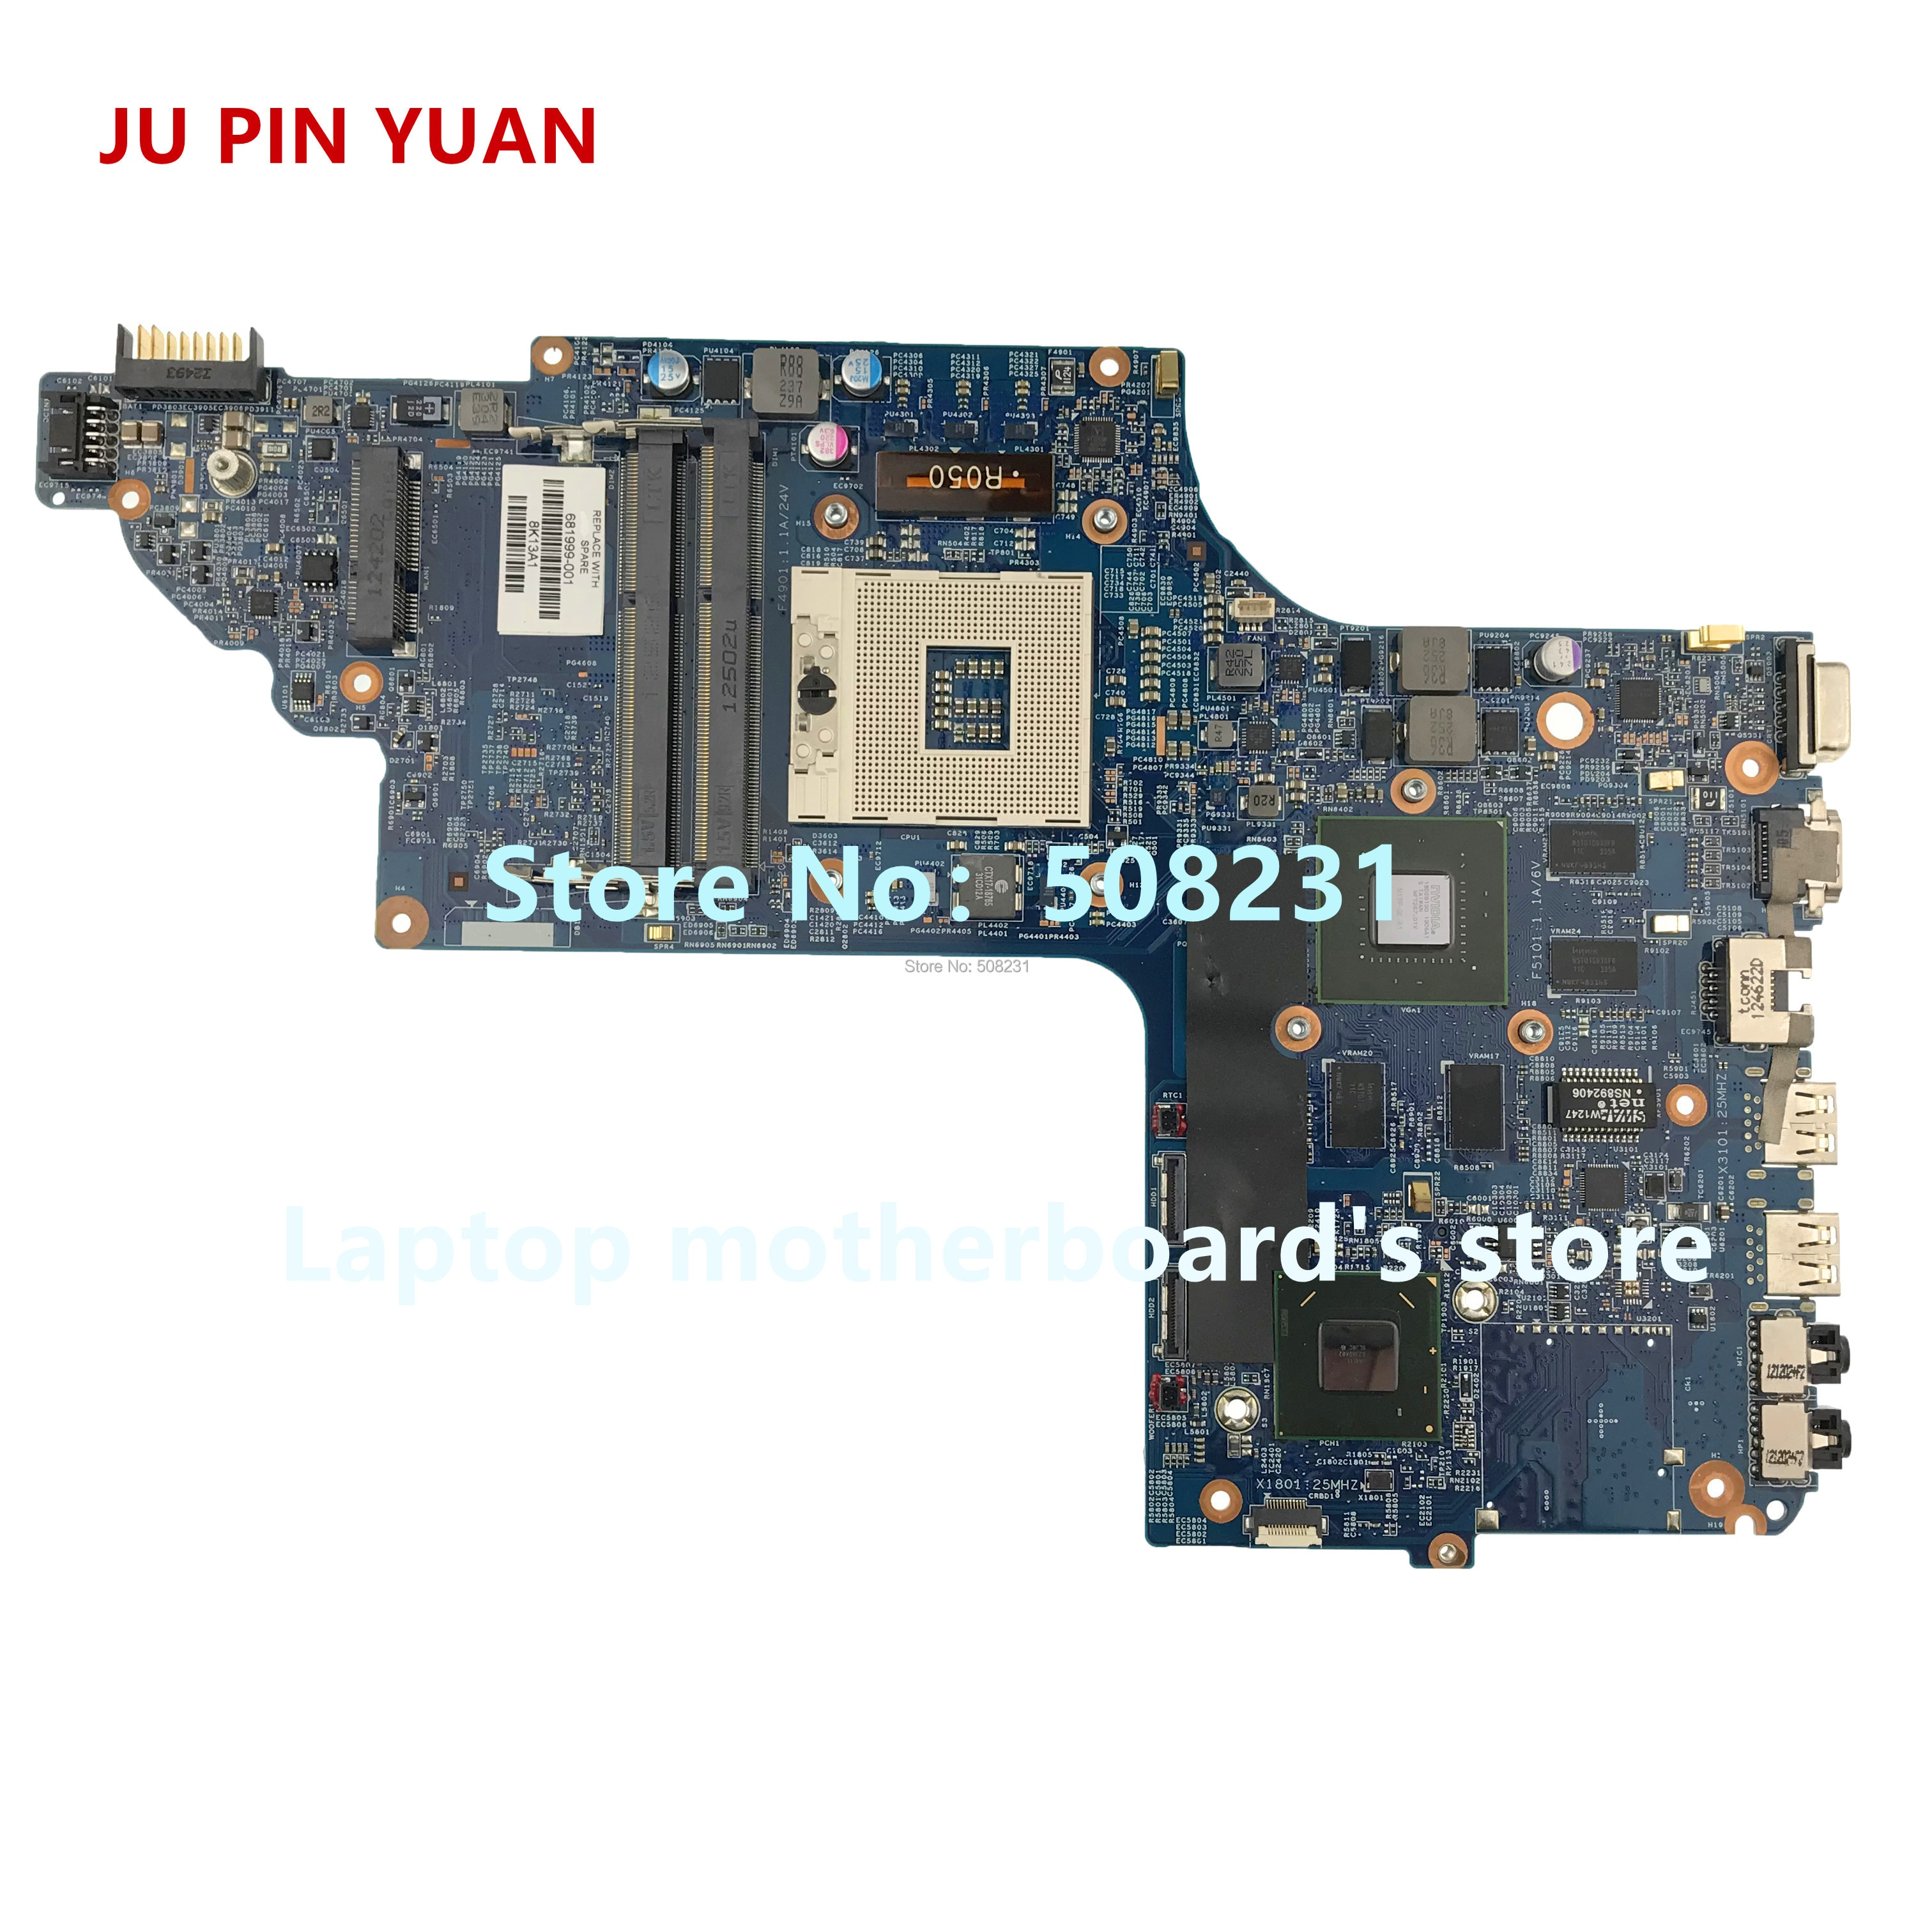 جو دبوس يوان 681999-501 681999-001 اللوحة الأم ل HP DV7 DV7-7000 اللوحة المحمول GT630M/1G اختبار بالكامل